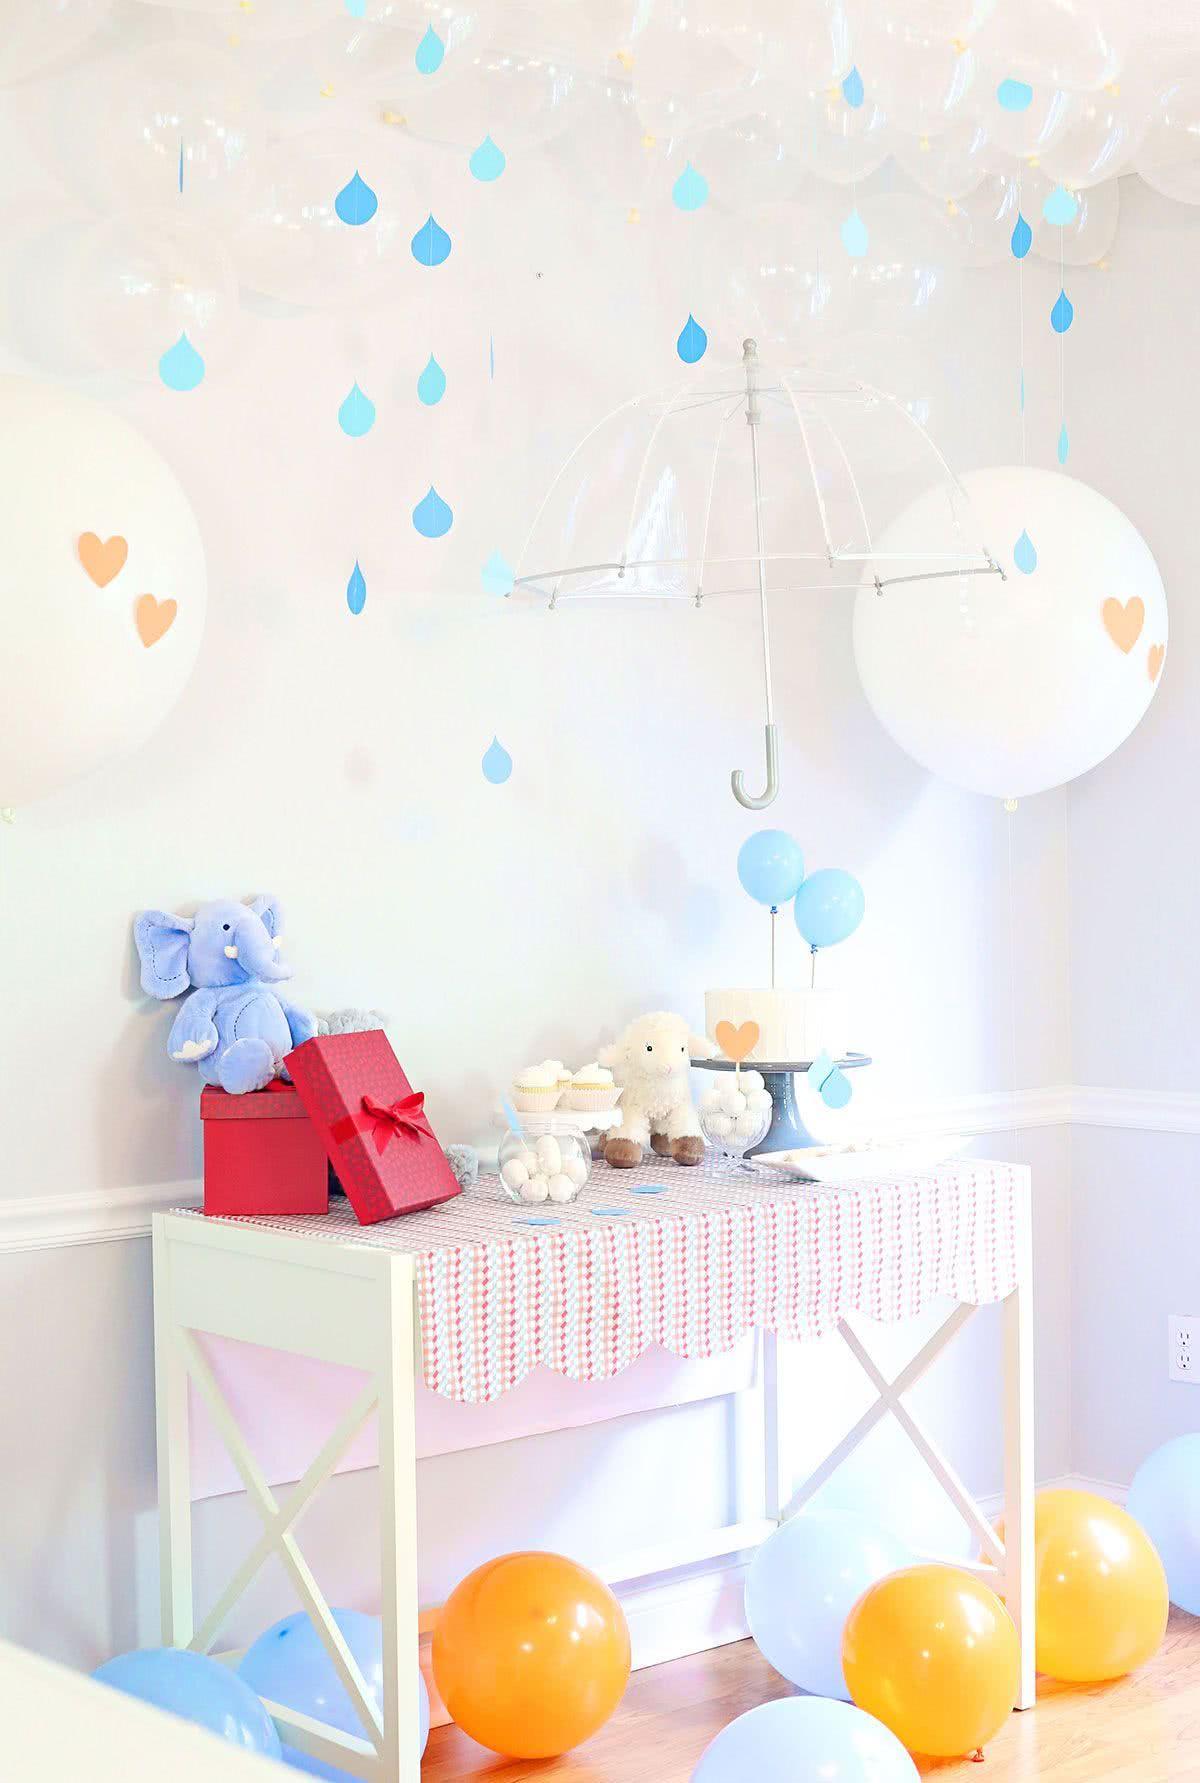 Balões transparentes simulam nuvens e a cortina de gotinhas, a chuva. Lindo, livre, leve e solto!